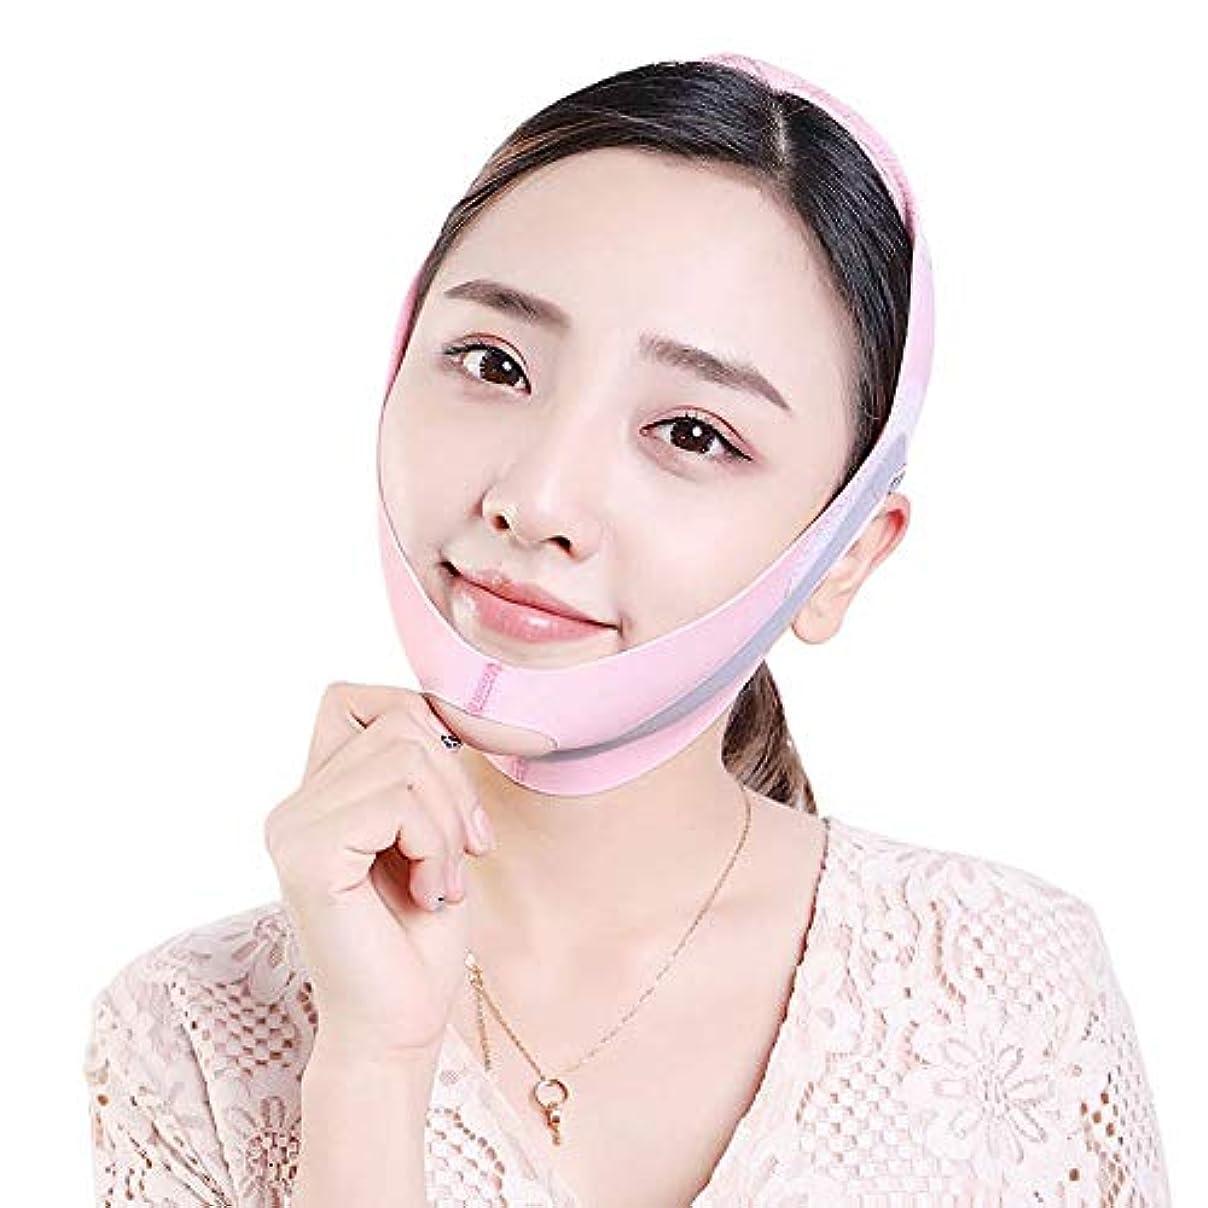 パントリー火炎新着Minmin たるみを防ぐために顔を持ち上げるために筋肉を引き締めるために二重あごのステッカーとラインを削除するために、顔を持ち上げるアーティファクト包帯があります - ピンク みんみんVラインフェイスマスク